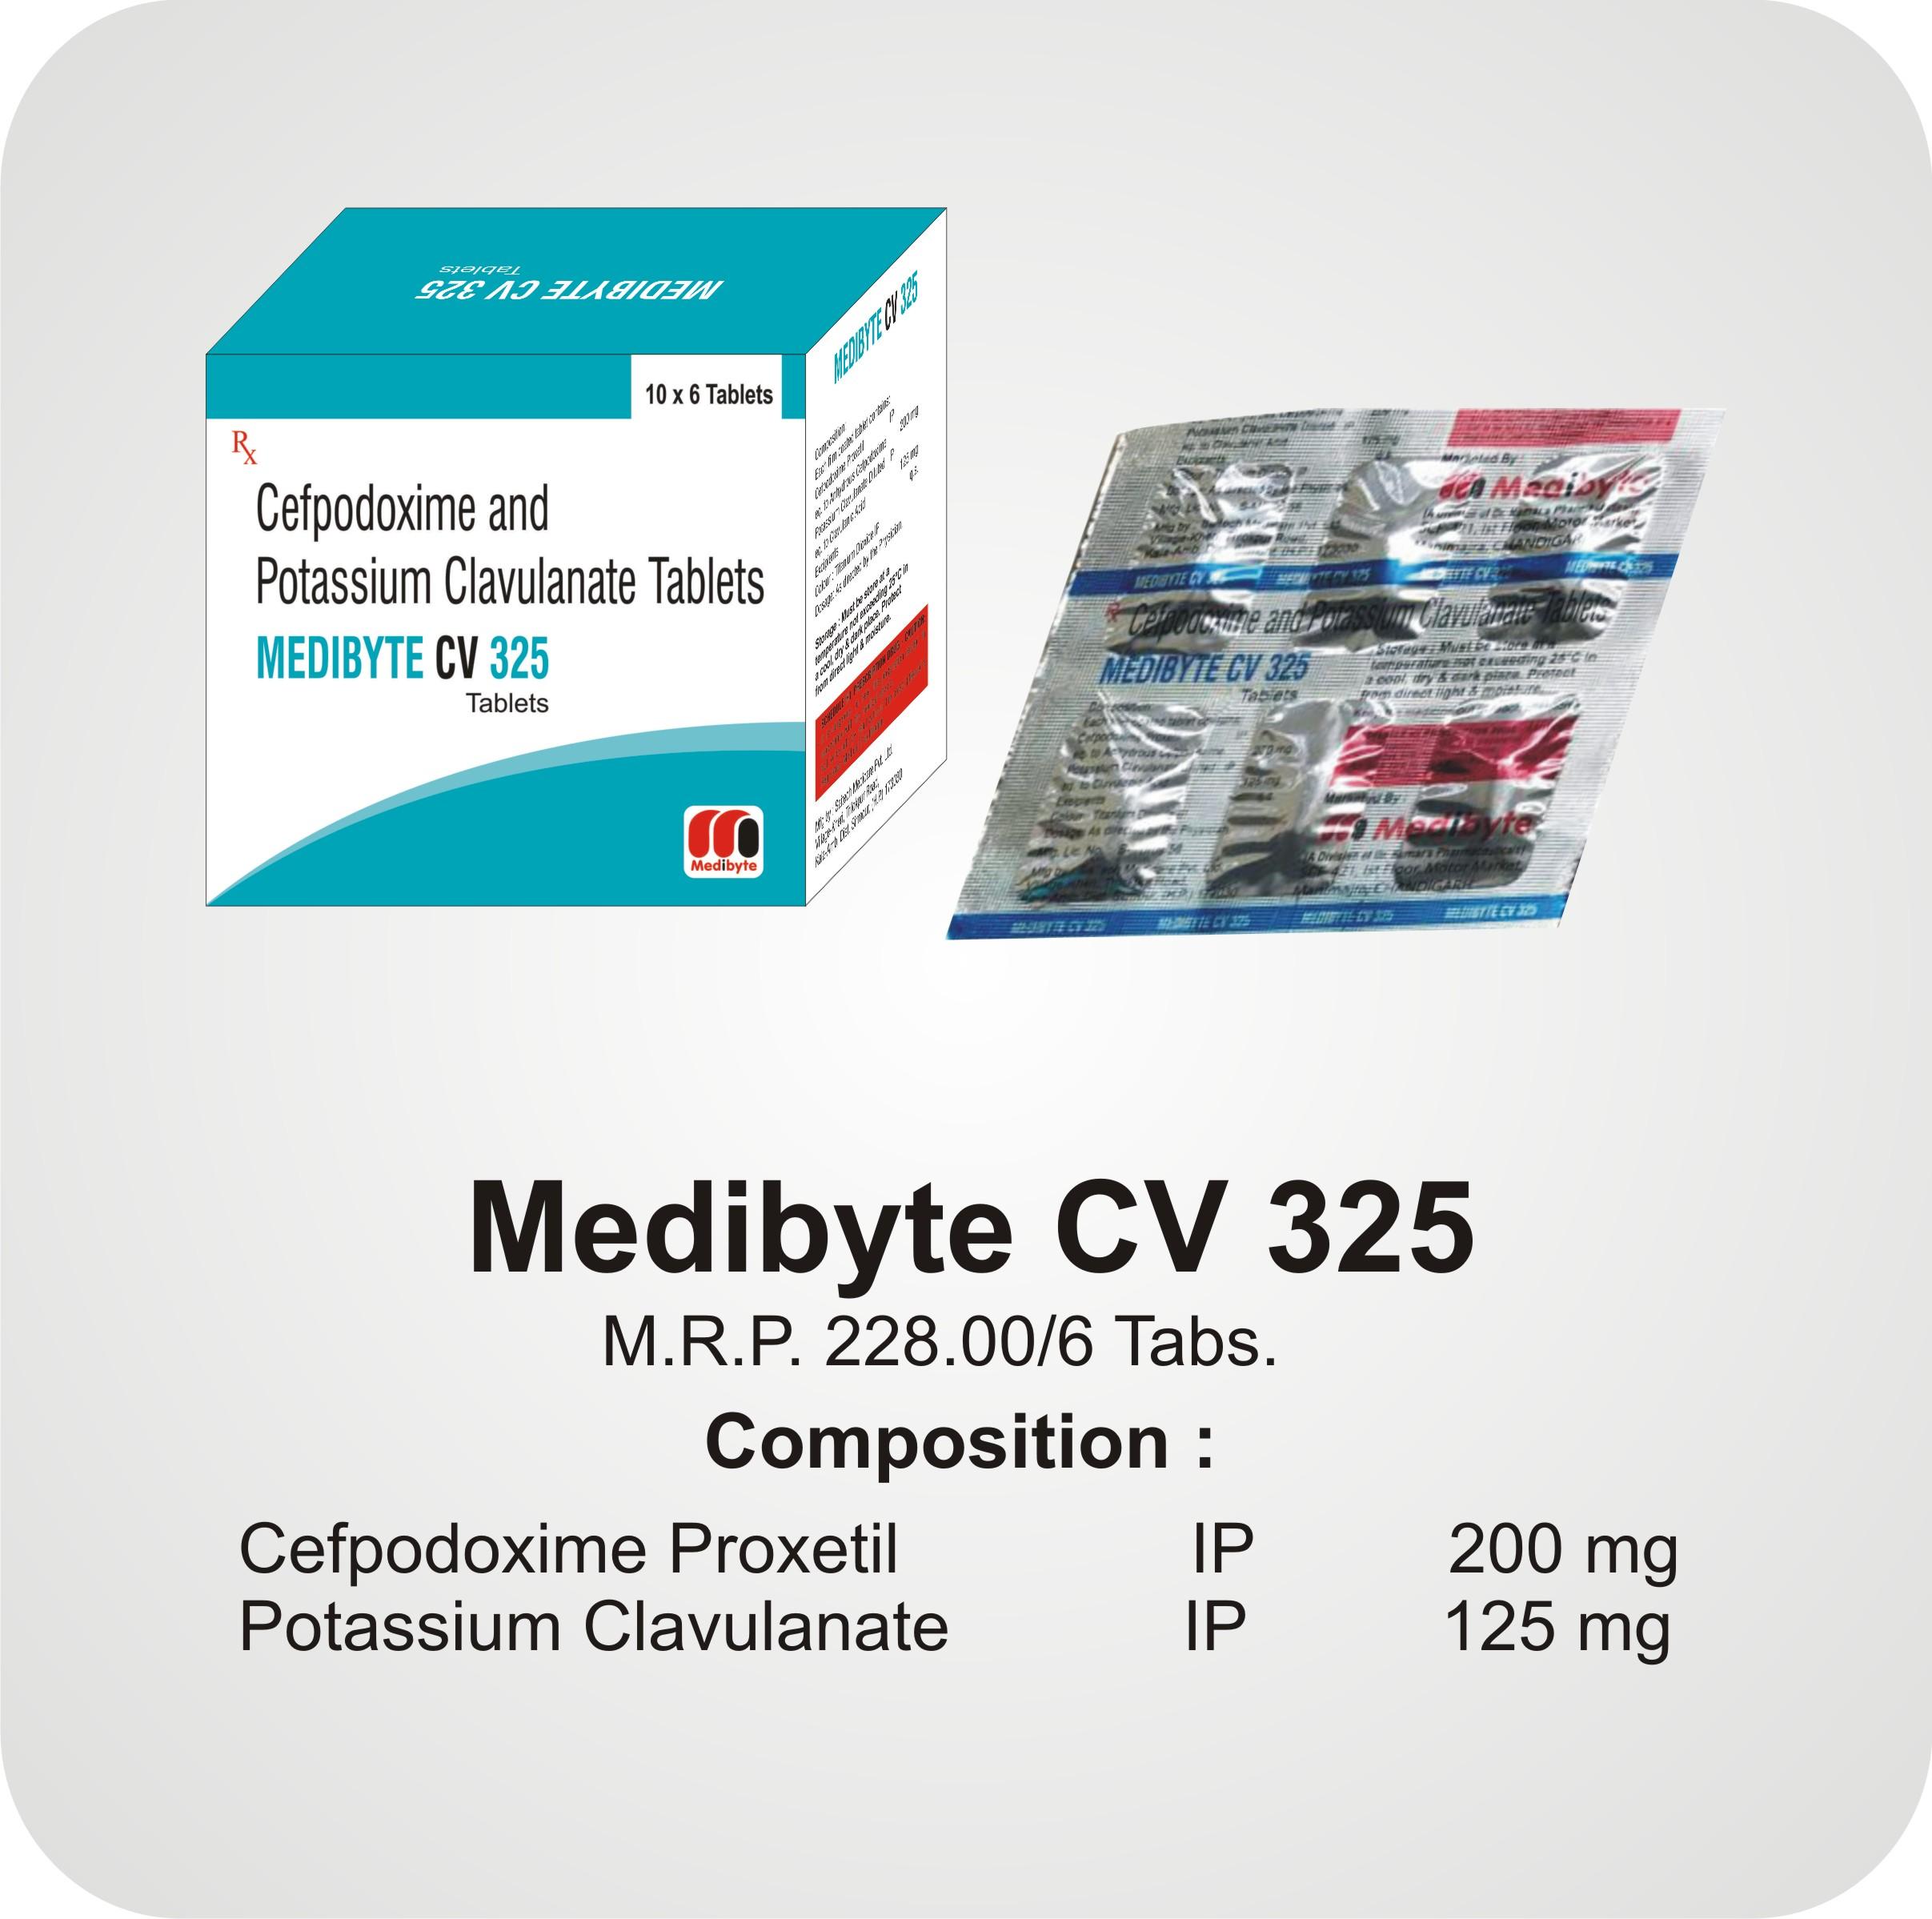 Medibyte CV 325 Tabs